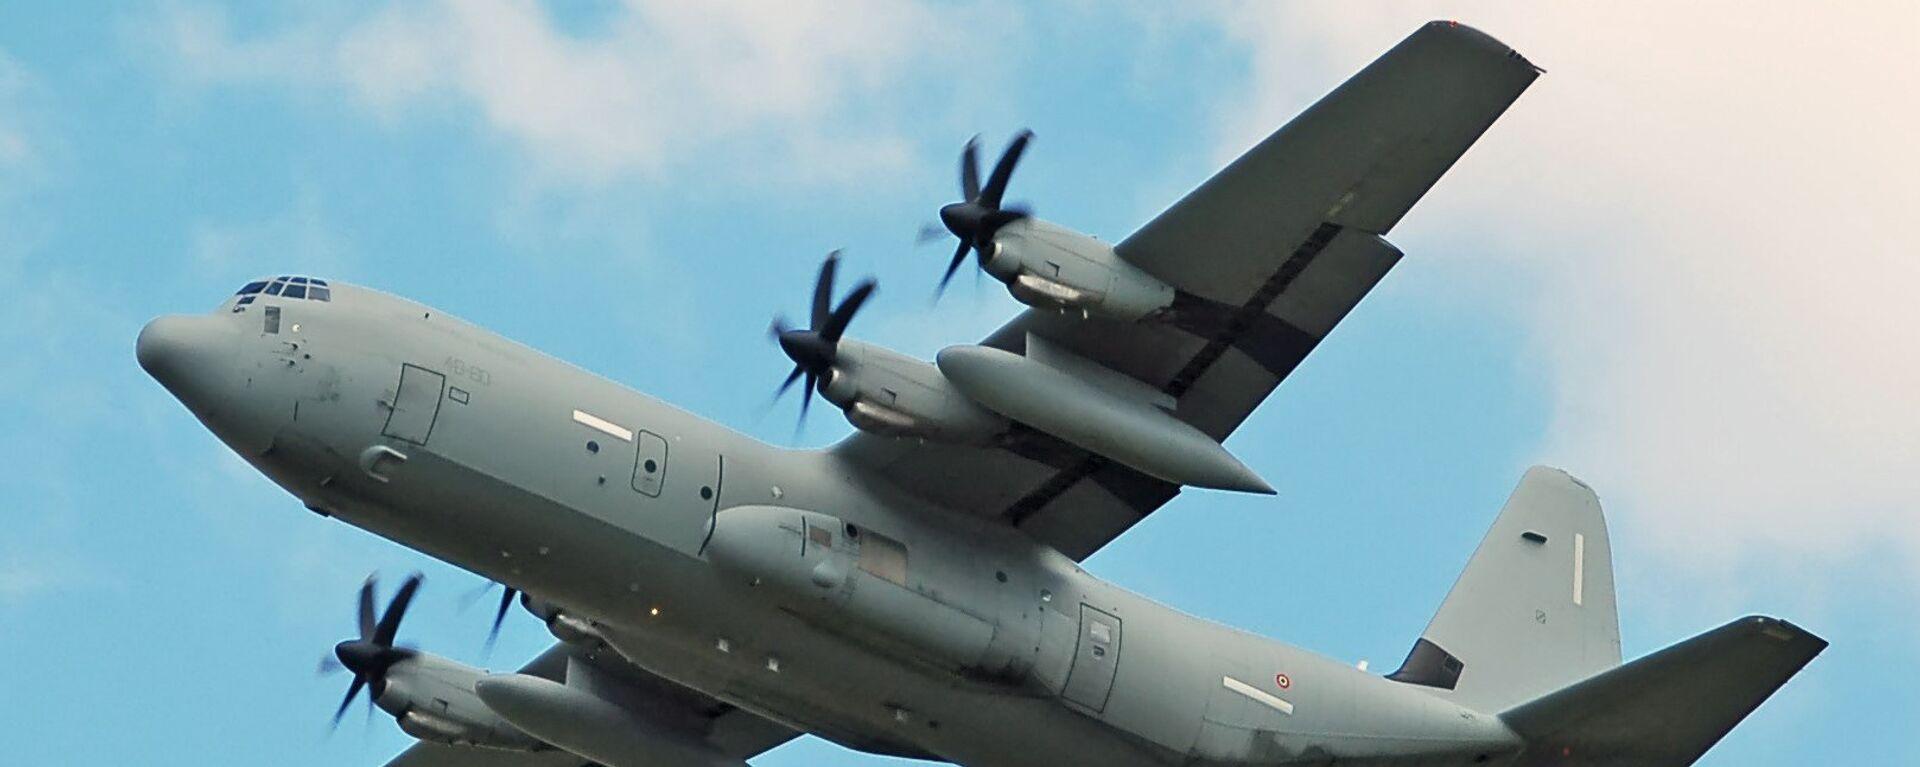 Бомбардировщик Hercules C-130J-30 ВВС Италии - Sputnik Mundo, 1920, 26.06.2021